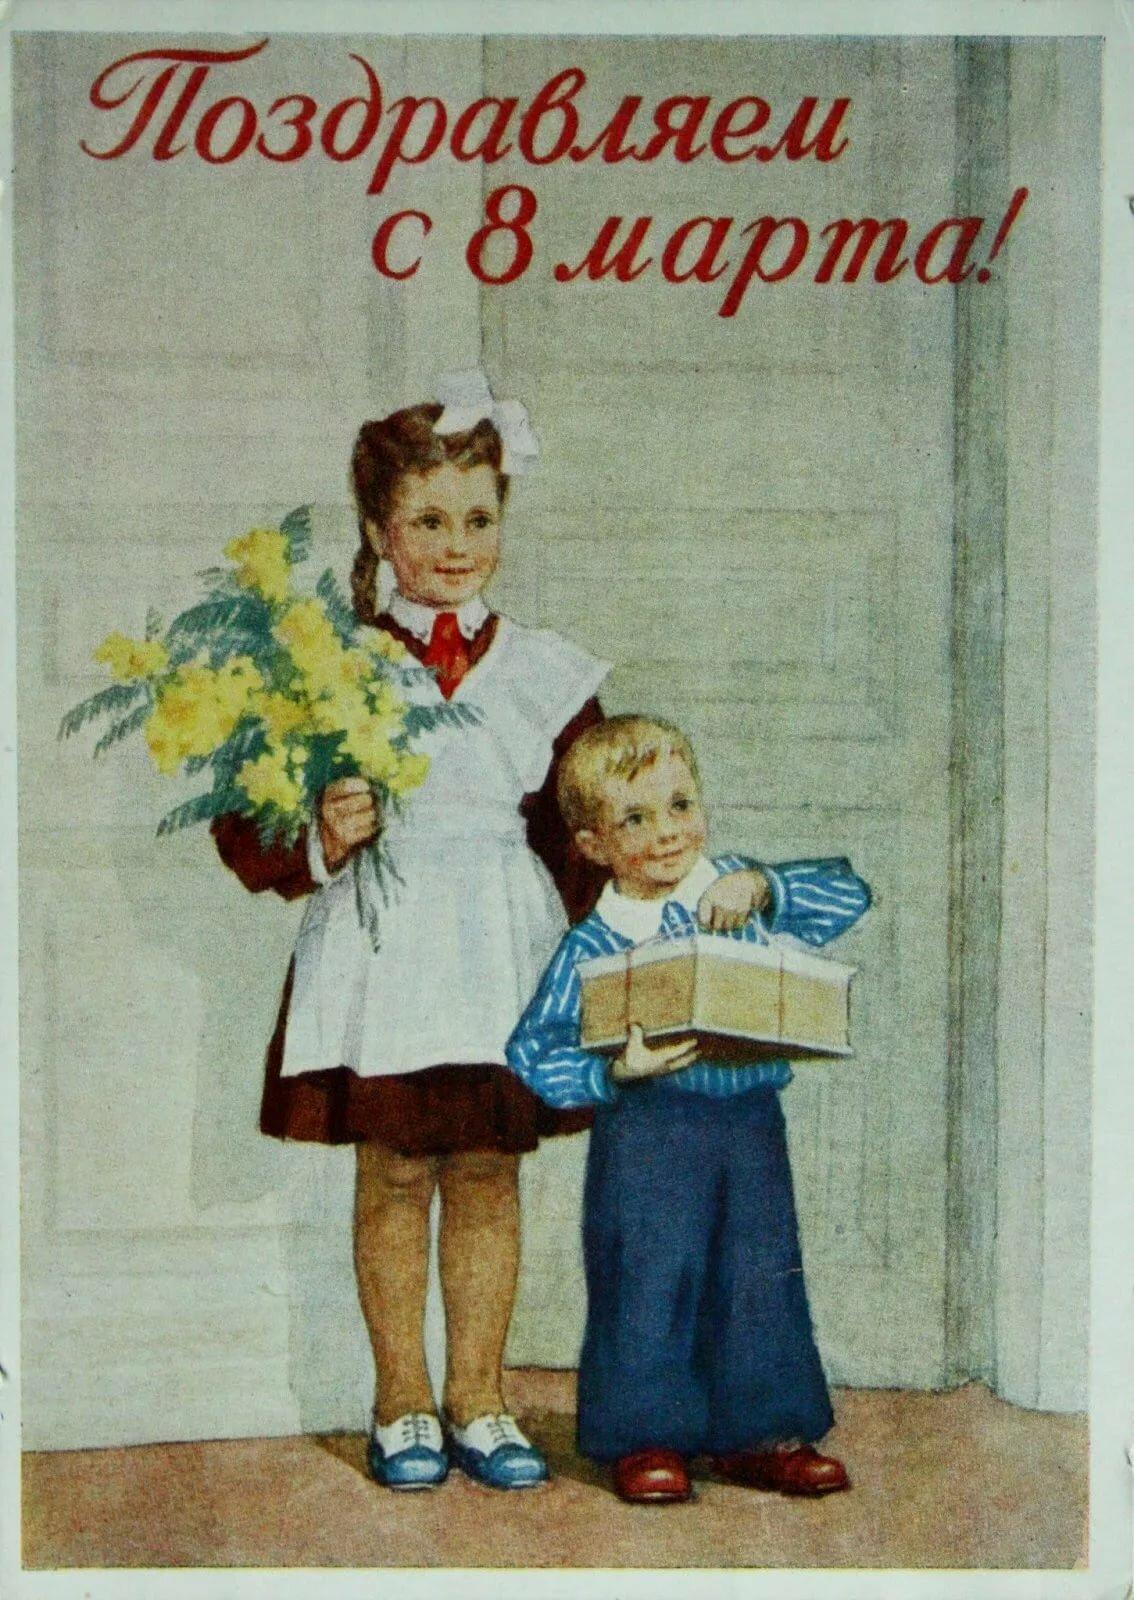 открытка старая на 8 марта цвет наиболее